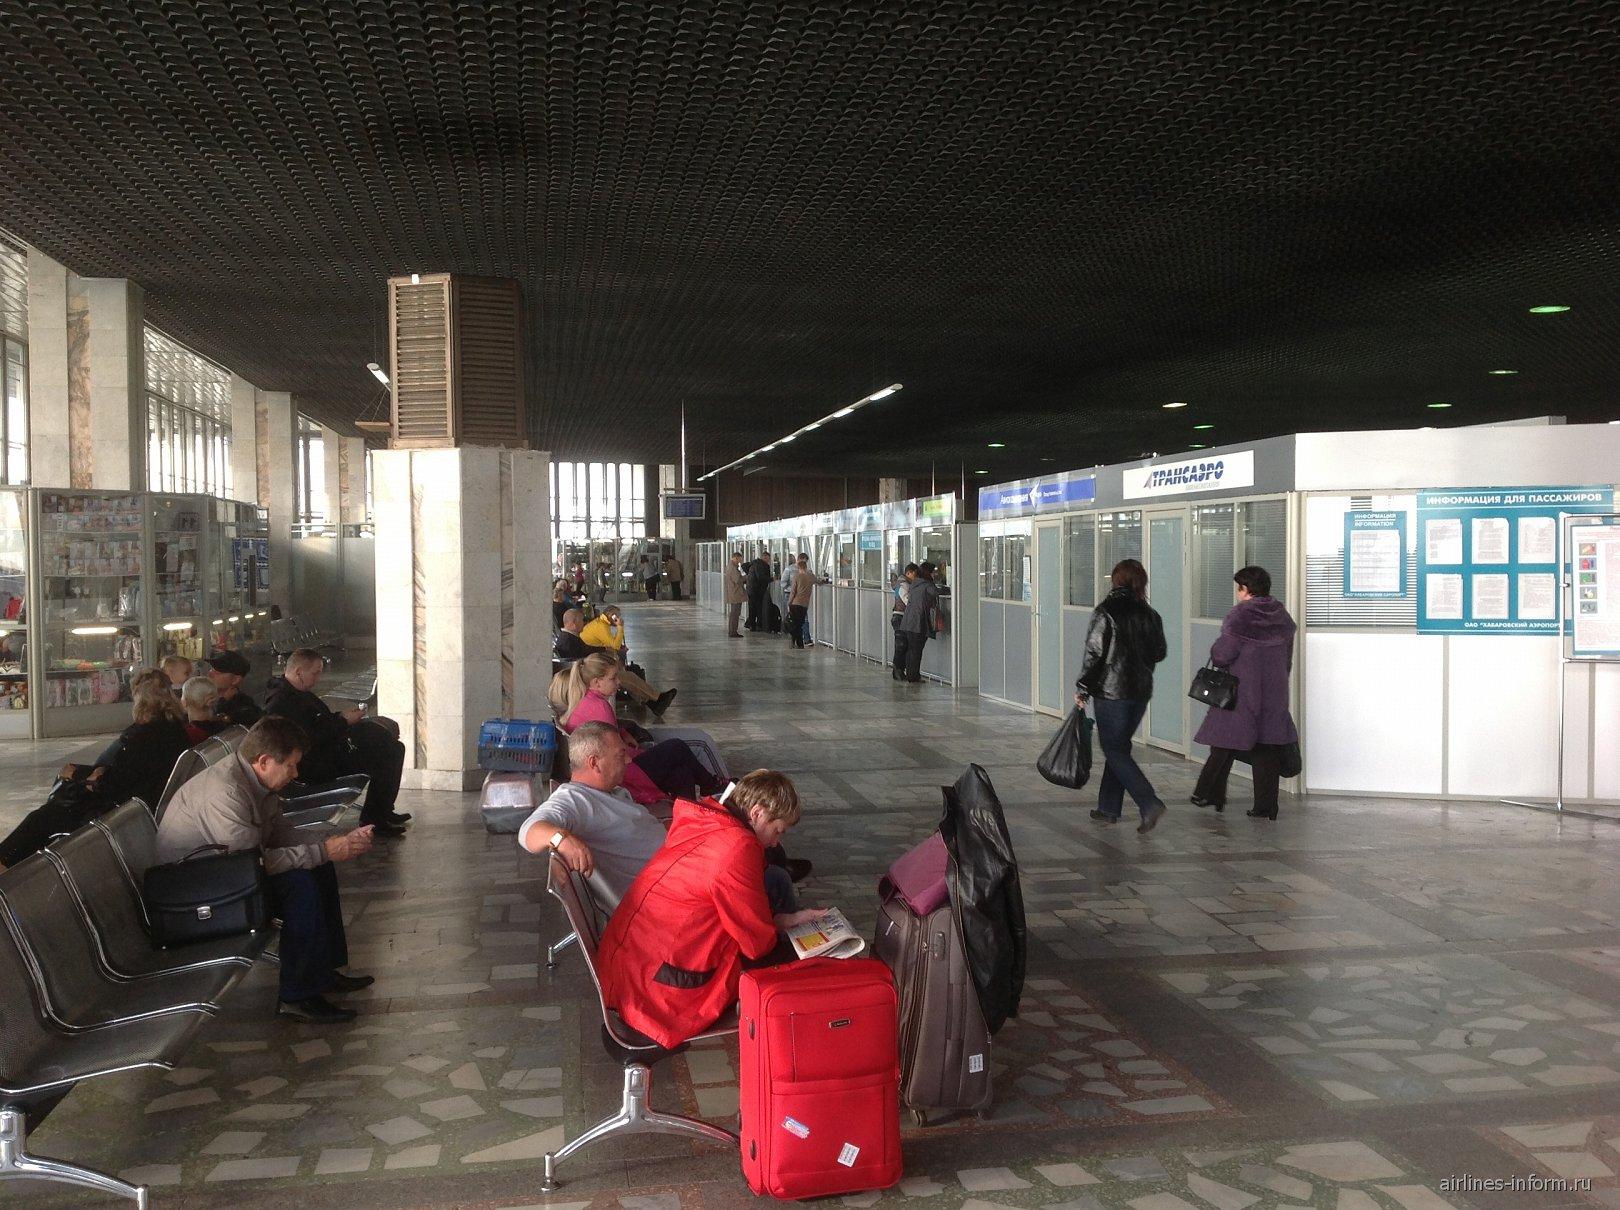 Зал ожидания в аэропорту Хабаровск Новый